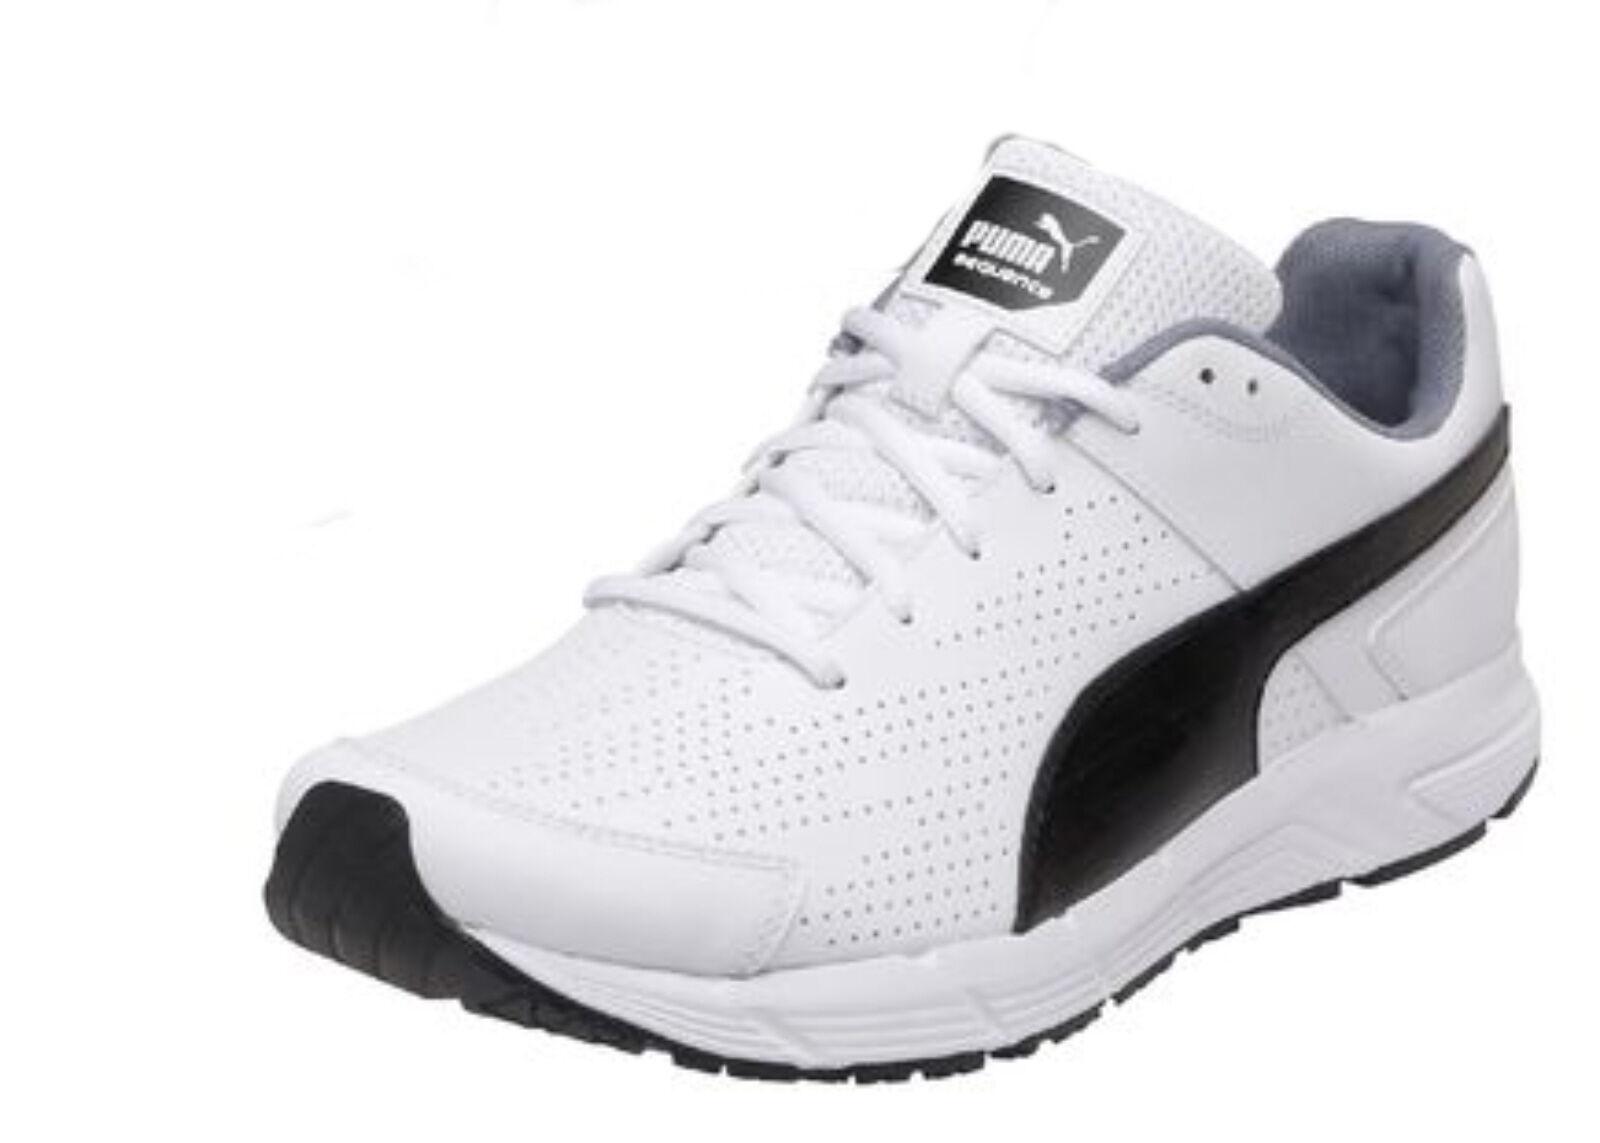 Puma SEQUENZA IN PELLE da men shoes da corsa VARIE TAGLIE - NUOVO in scatola